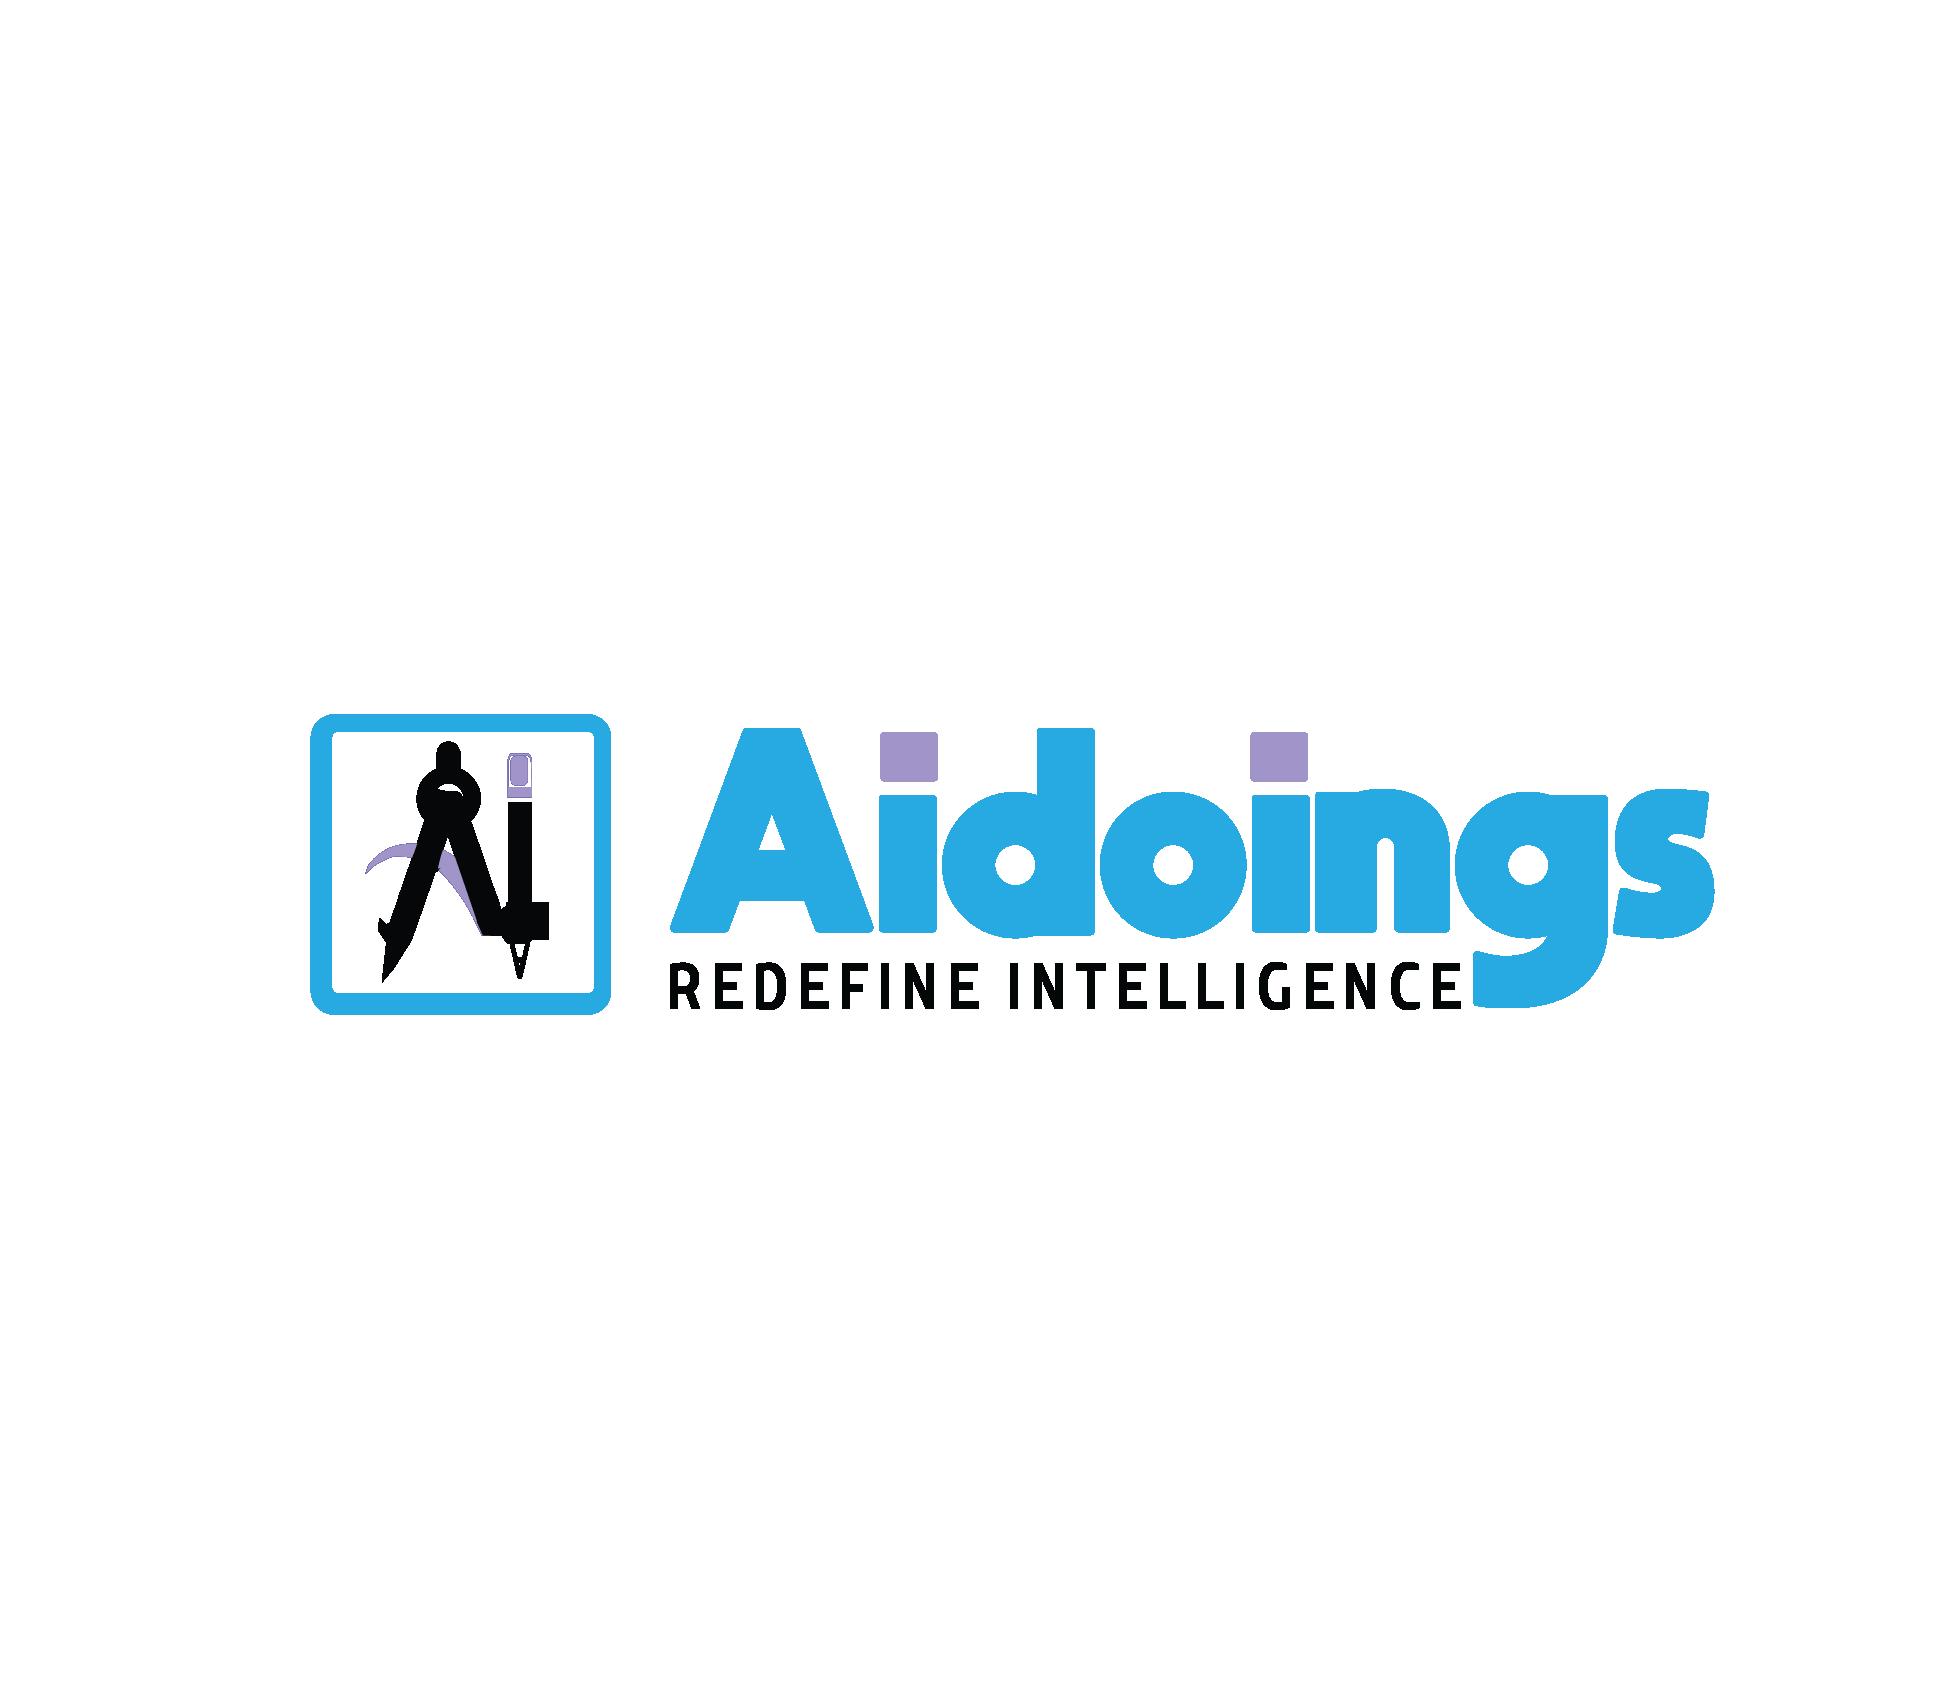 aidoing-screen-02.png